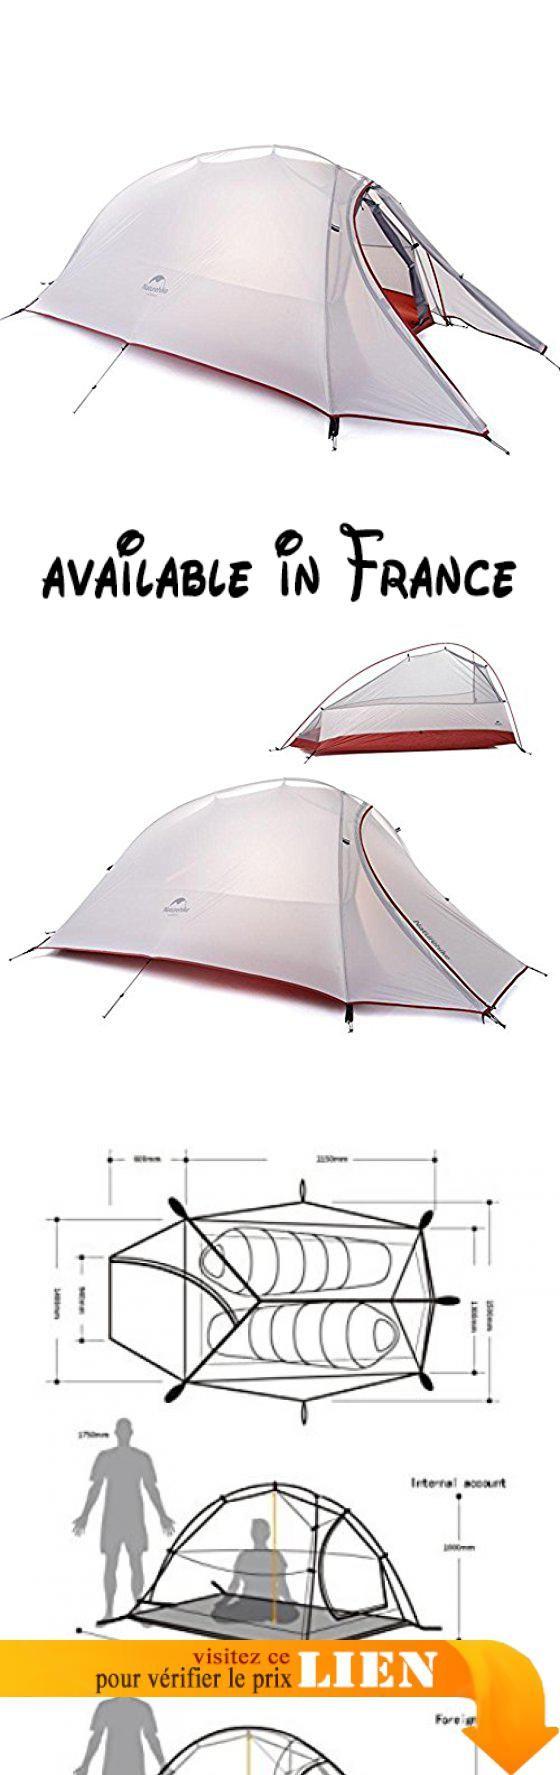 B0778TNW3D : Camping Camping Ultra-léger en aluminium Pôle Double couche Tente anti-pluie  gray  double. Grande tente de camping imperméable et portable de haute qualité idéale pour la randonnée les voyages le camping et d'autres activités de plein air. Offre une excellente protection contre les intempéries contre la pluie et les rayons UV installation rapide et facile. Prévoir assez d'espace pour 1-3 personnes matériel de tissu de treillis en nylon imperméable